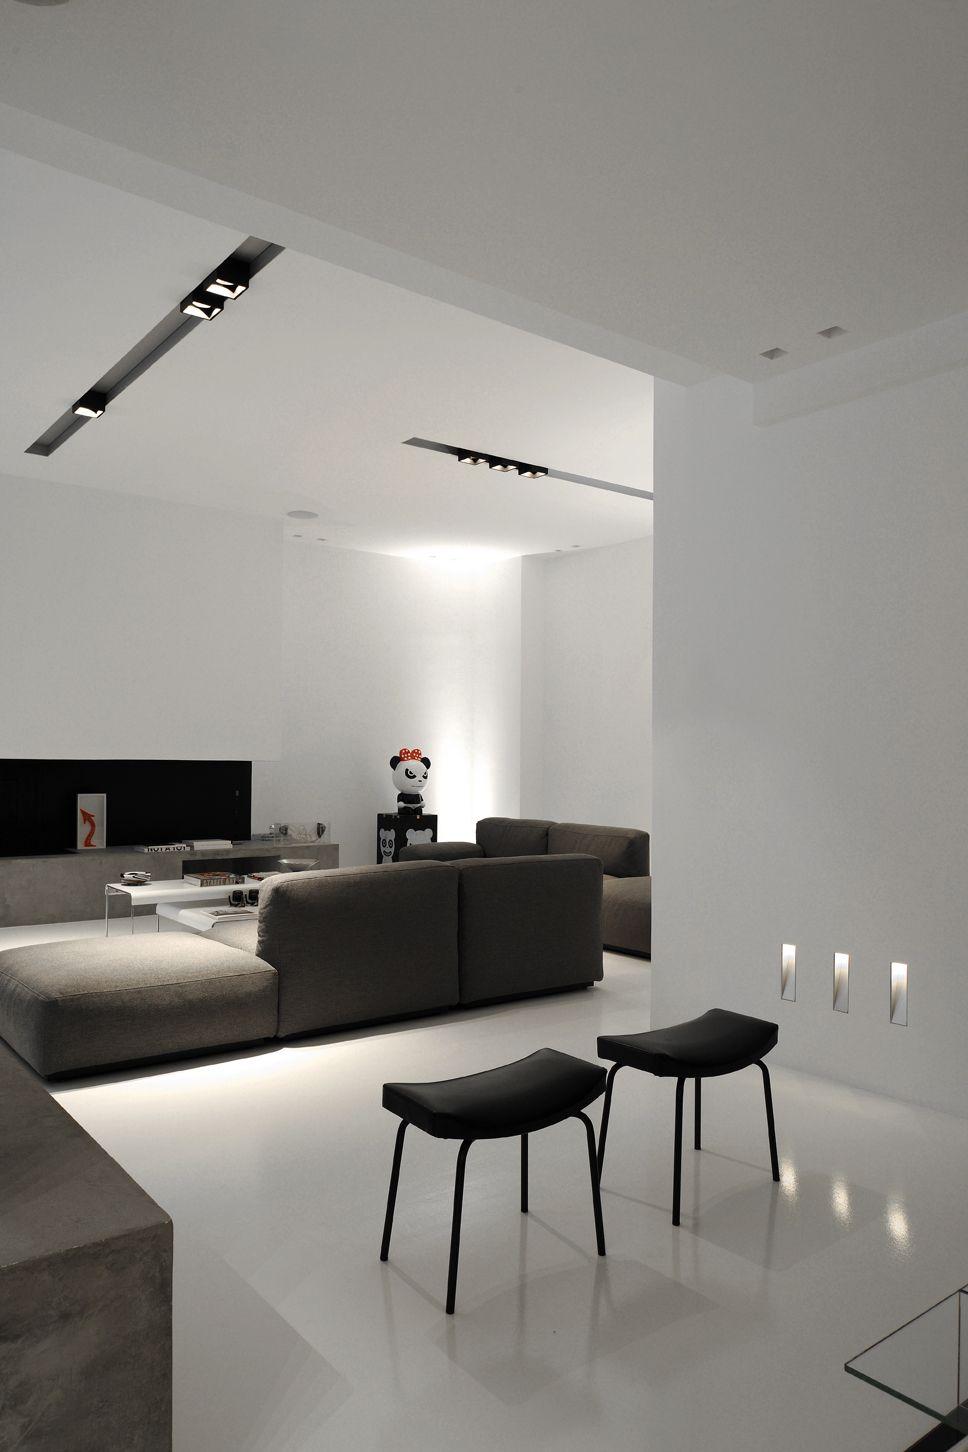 Residencia fa kitchen gallery subzero u wolf appliances